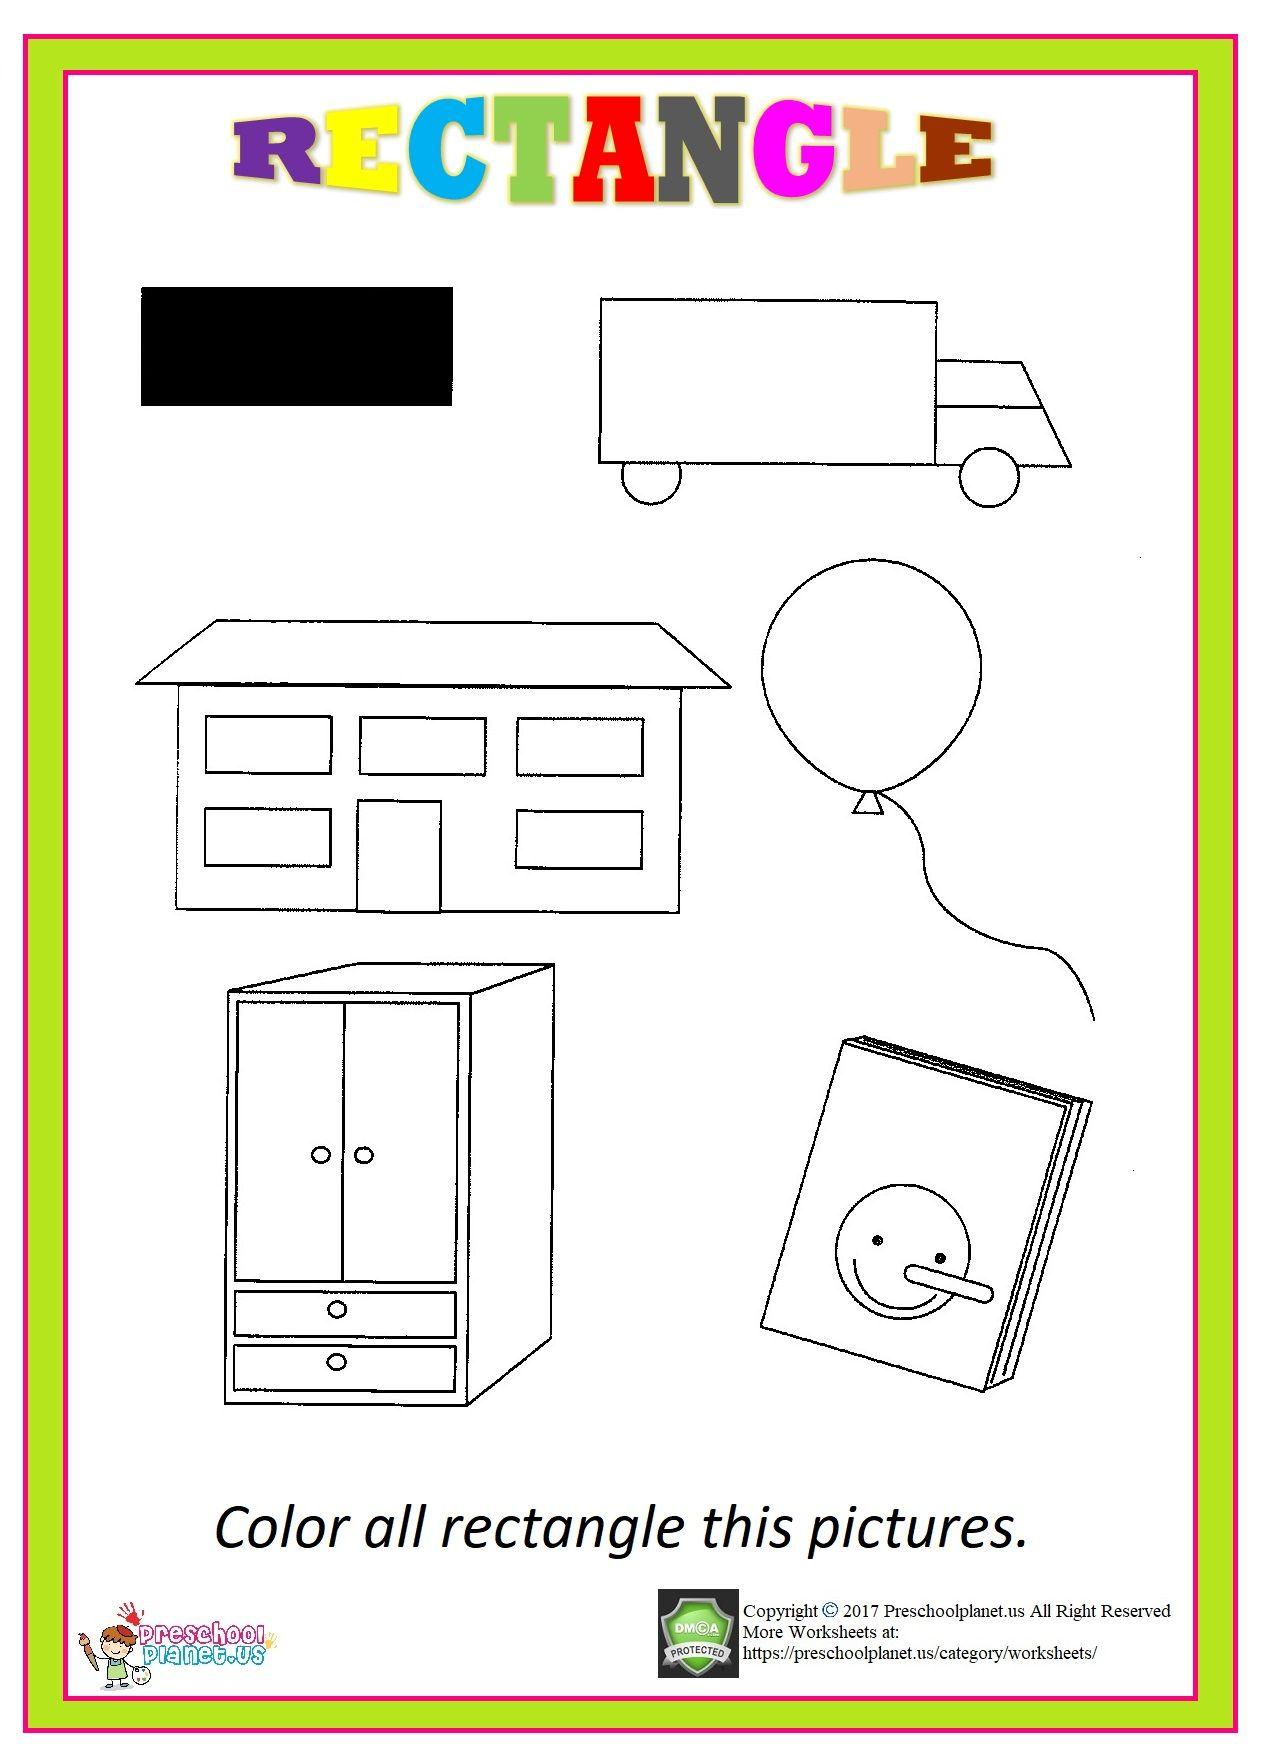 Rectangle Worksheet For Kids